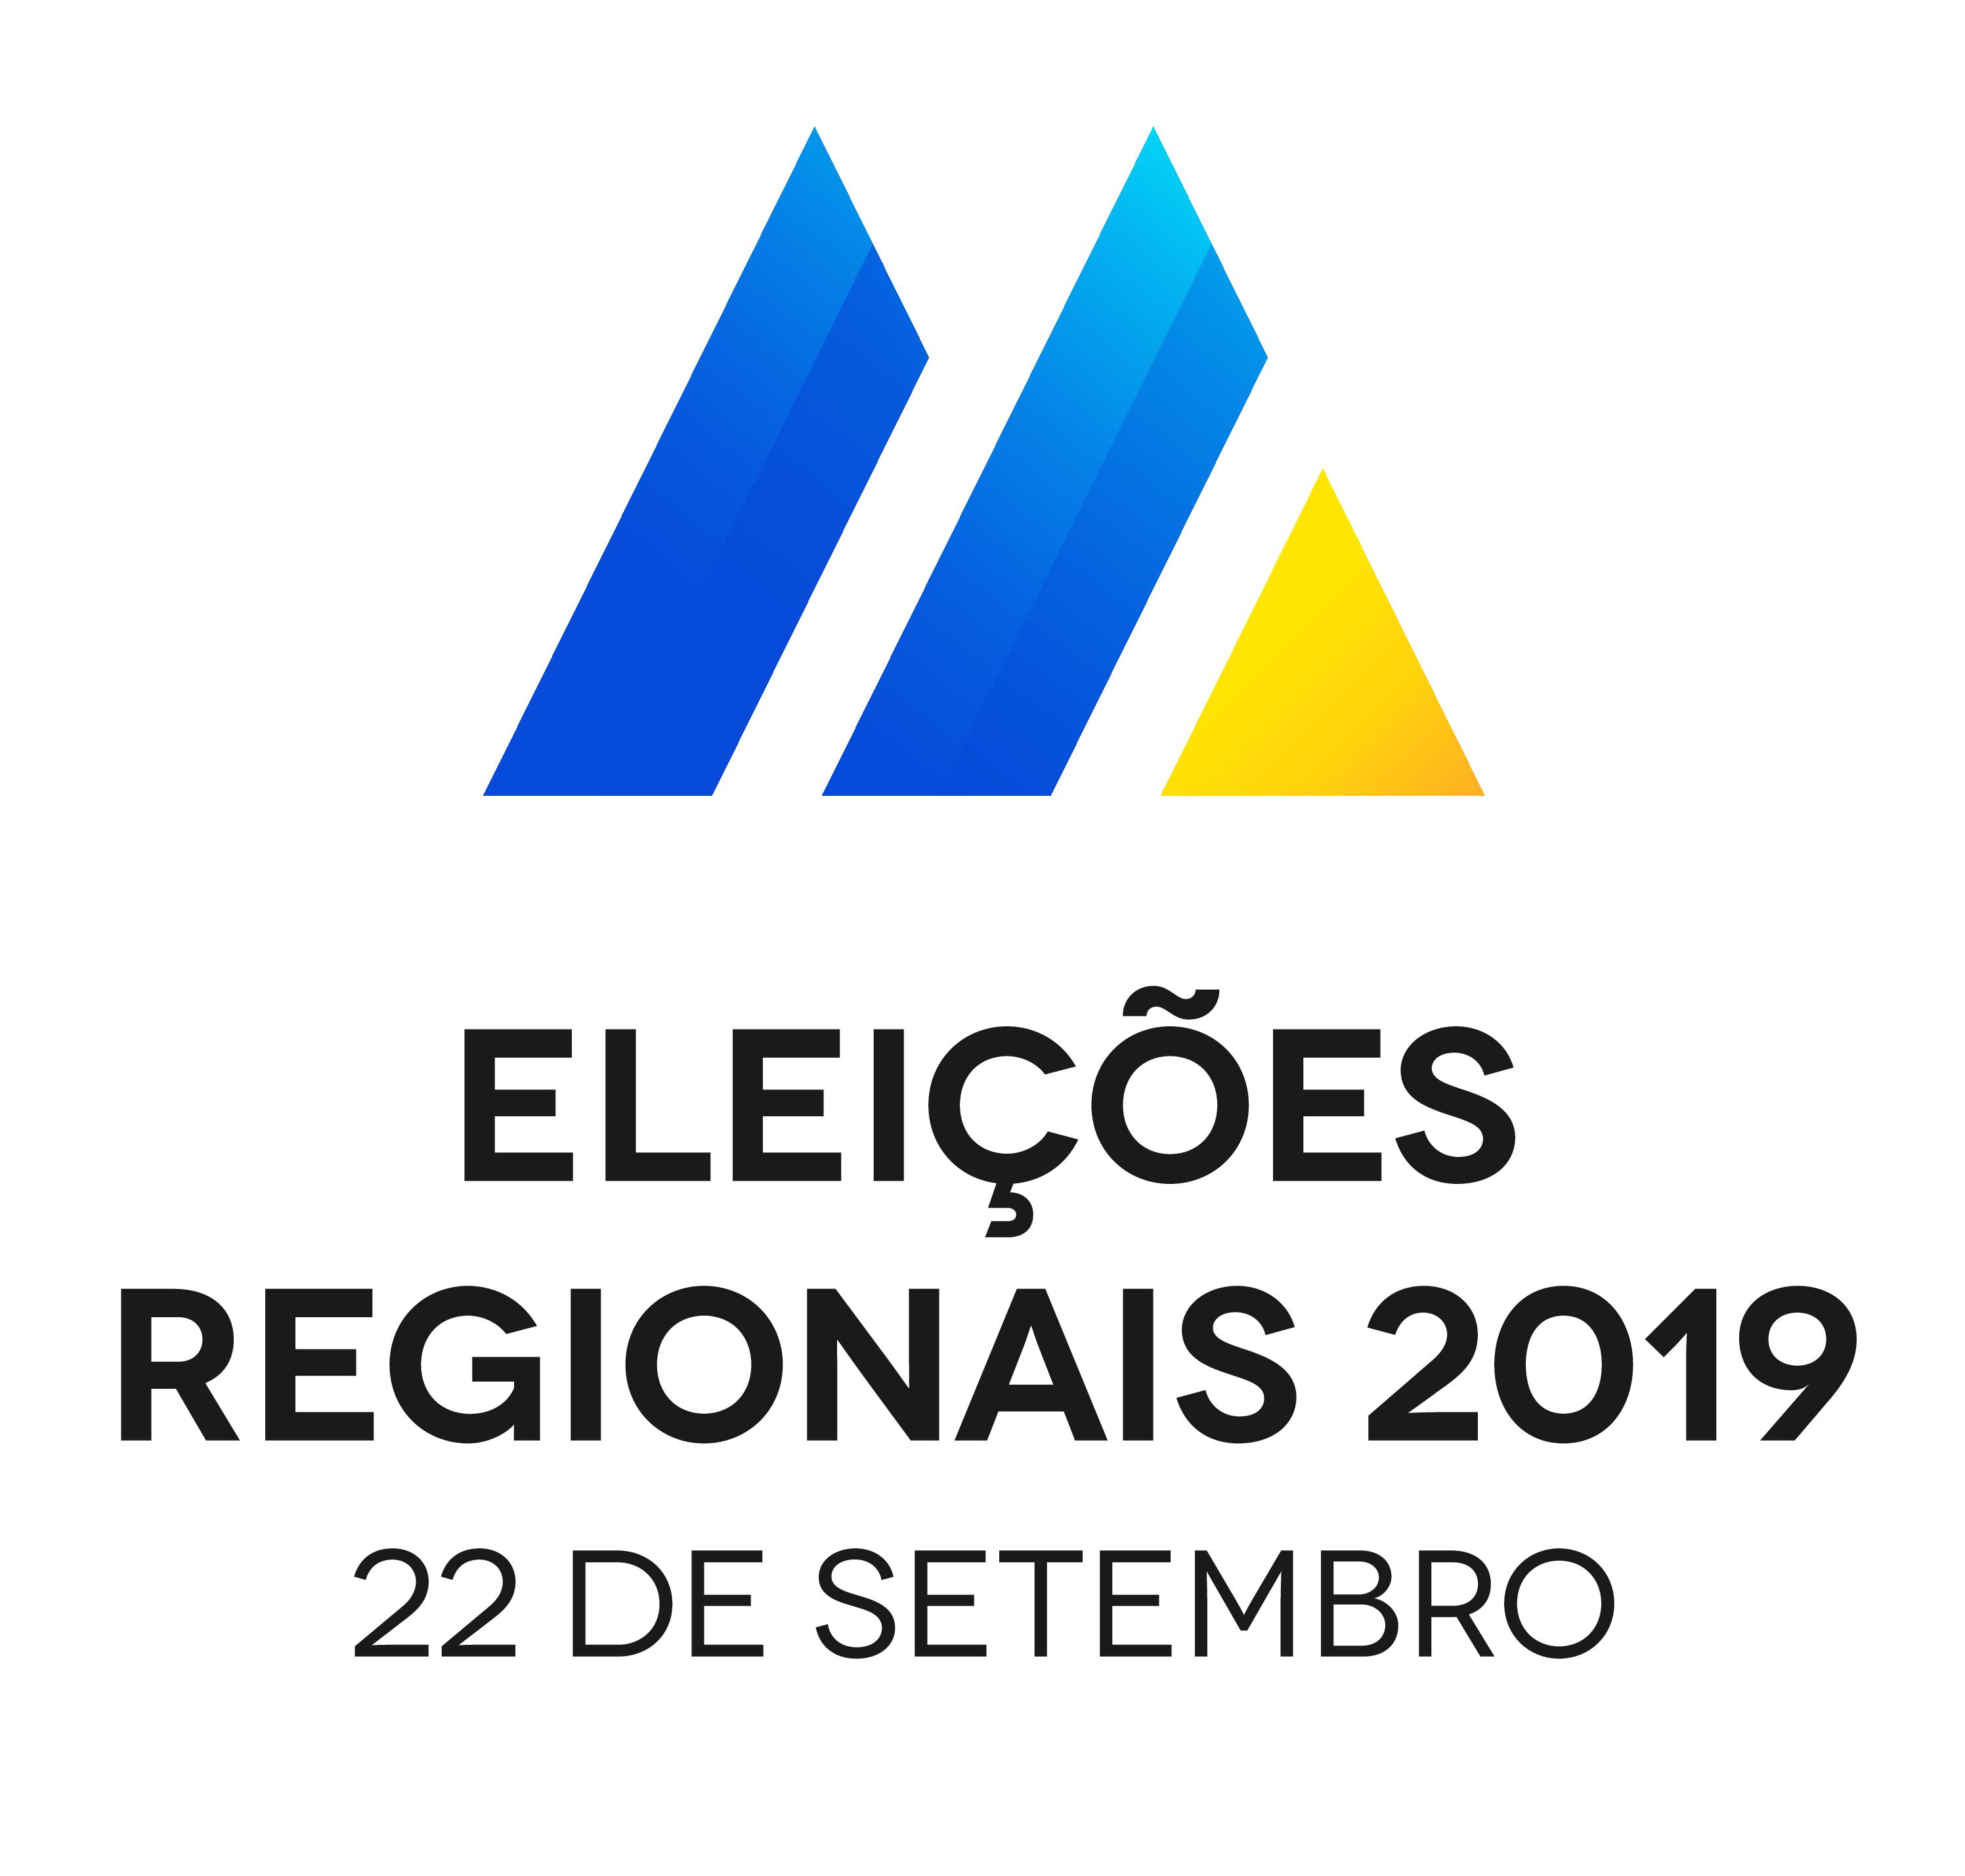 Eleições/Madeira: conhecidas as 17 candidaturas à eleições legislativas regionais